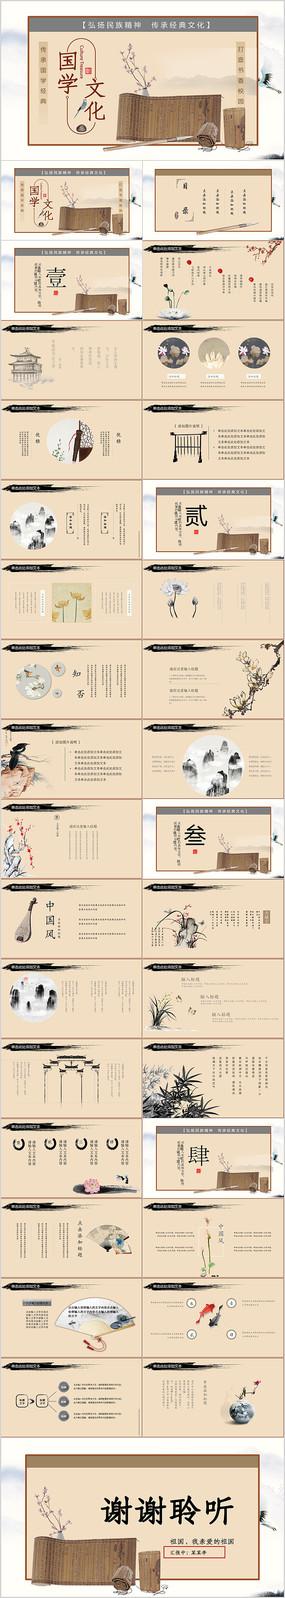 中国风国学经典国学文化课件中国风PPT